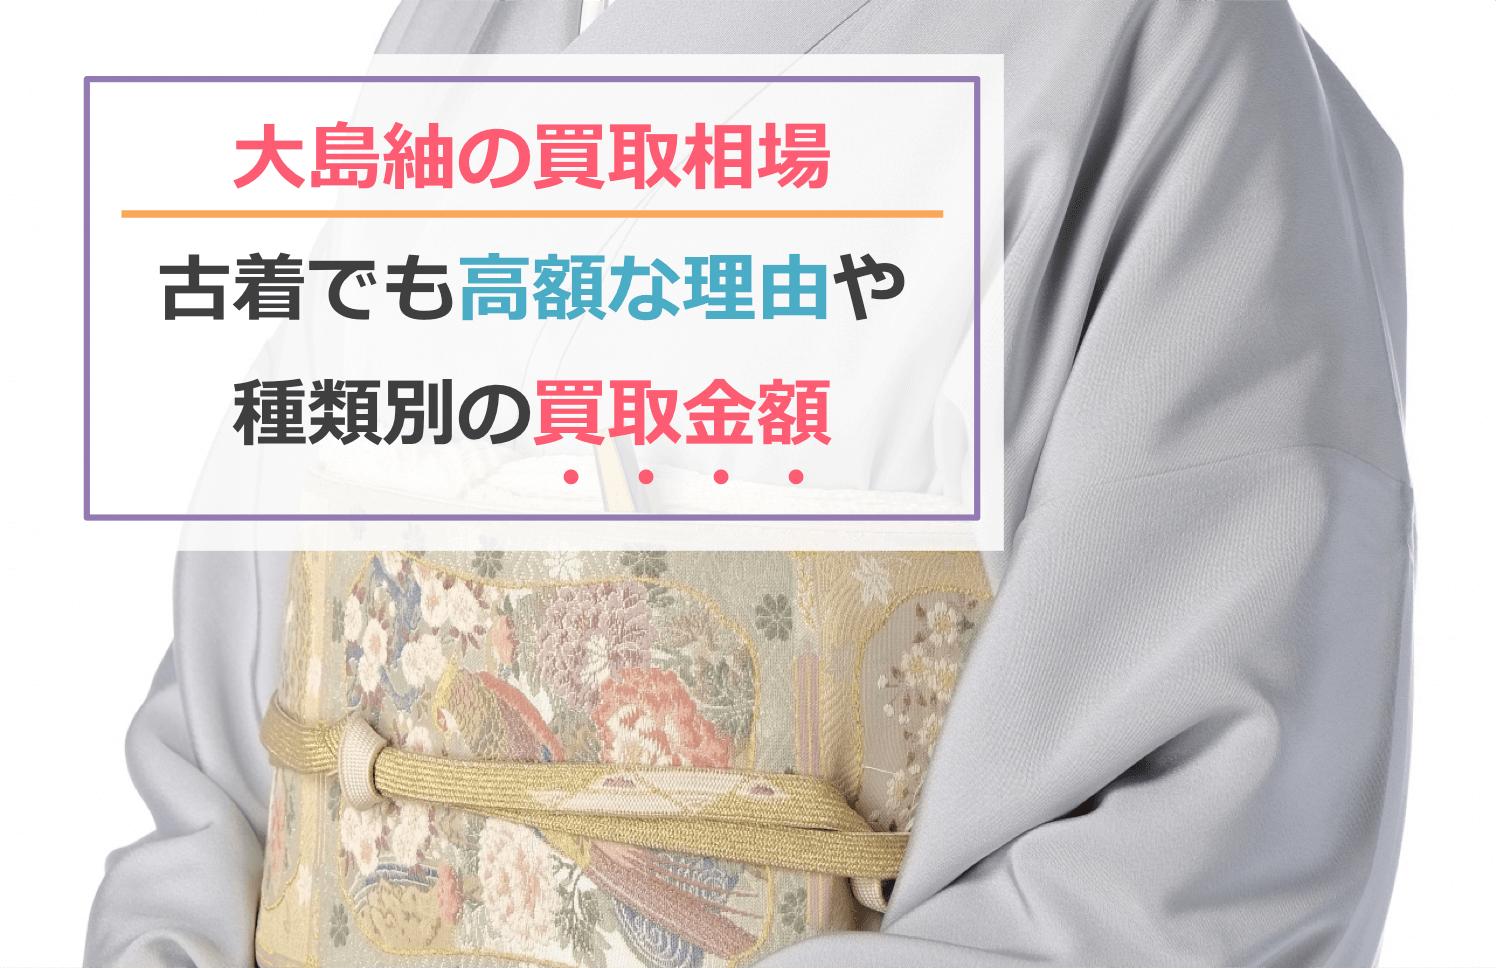 大島紬の買取相場!古着でも値段が高い理由や種類別の買取金額